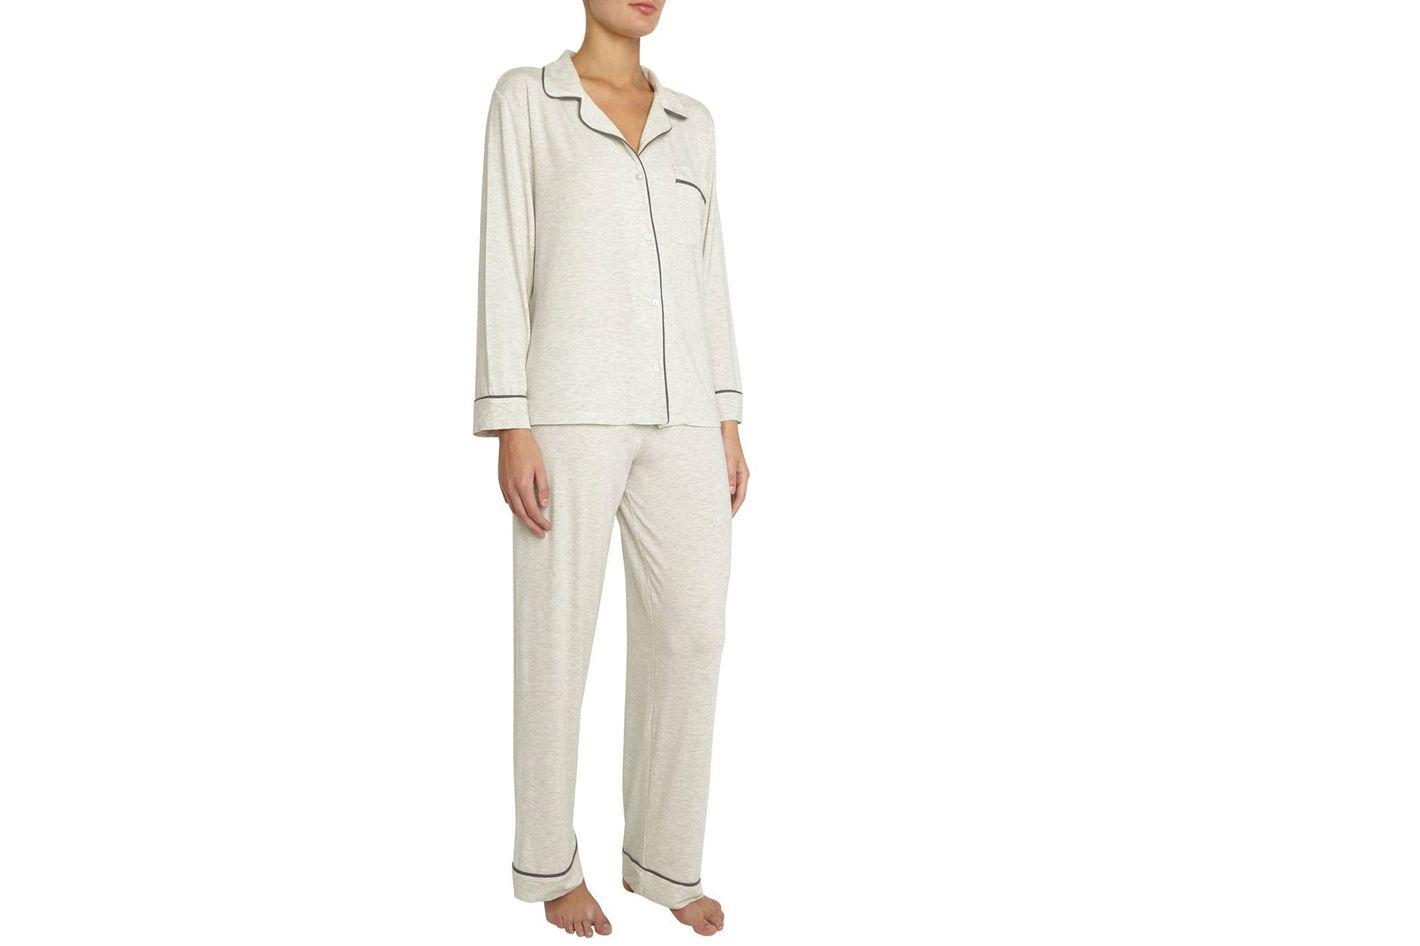 Eberjey 'Gisele' Pajamas